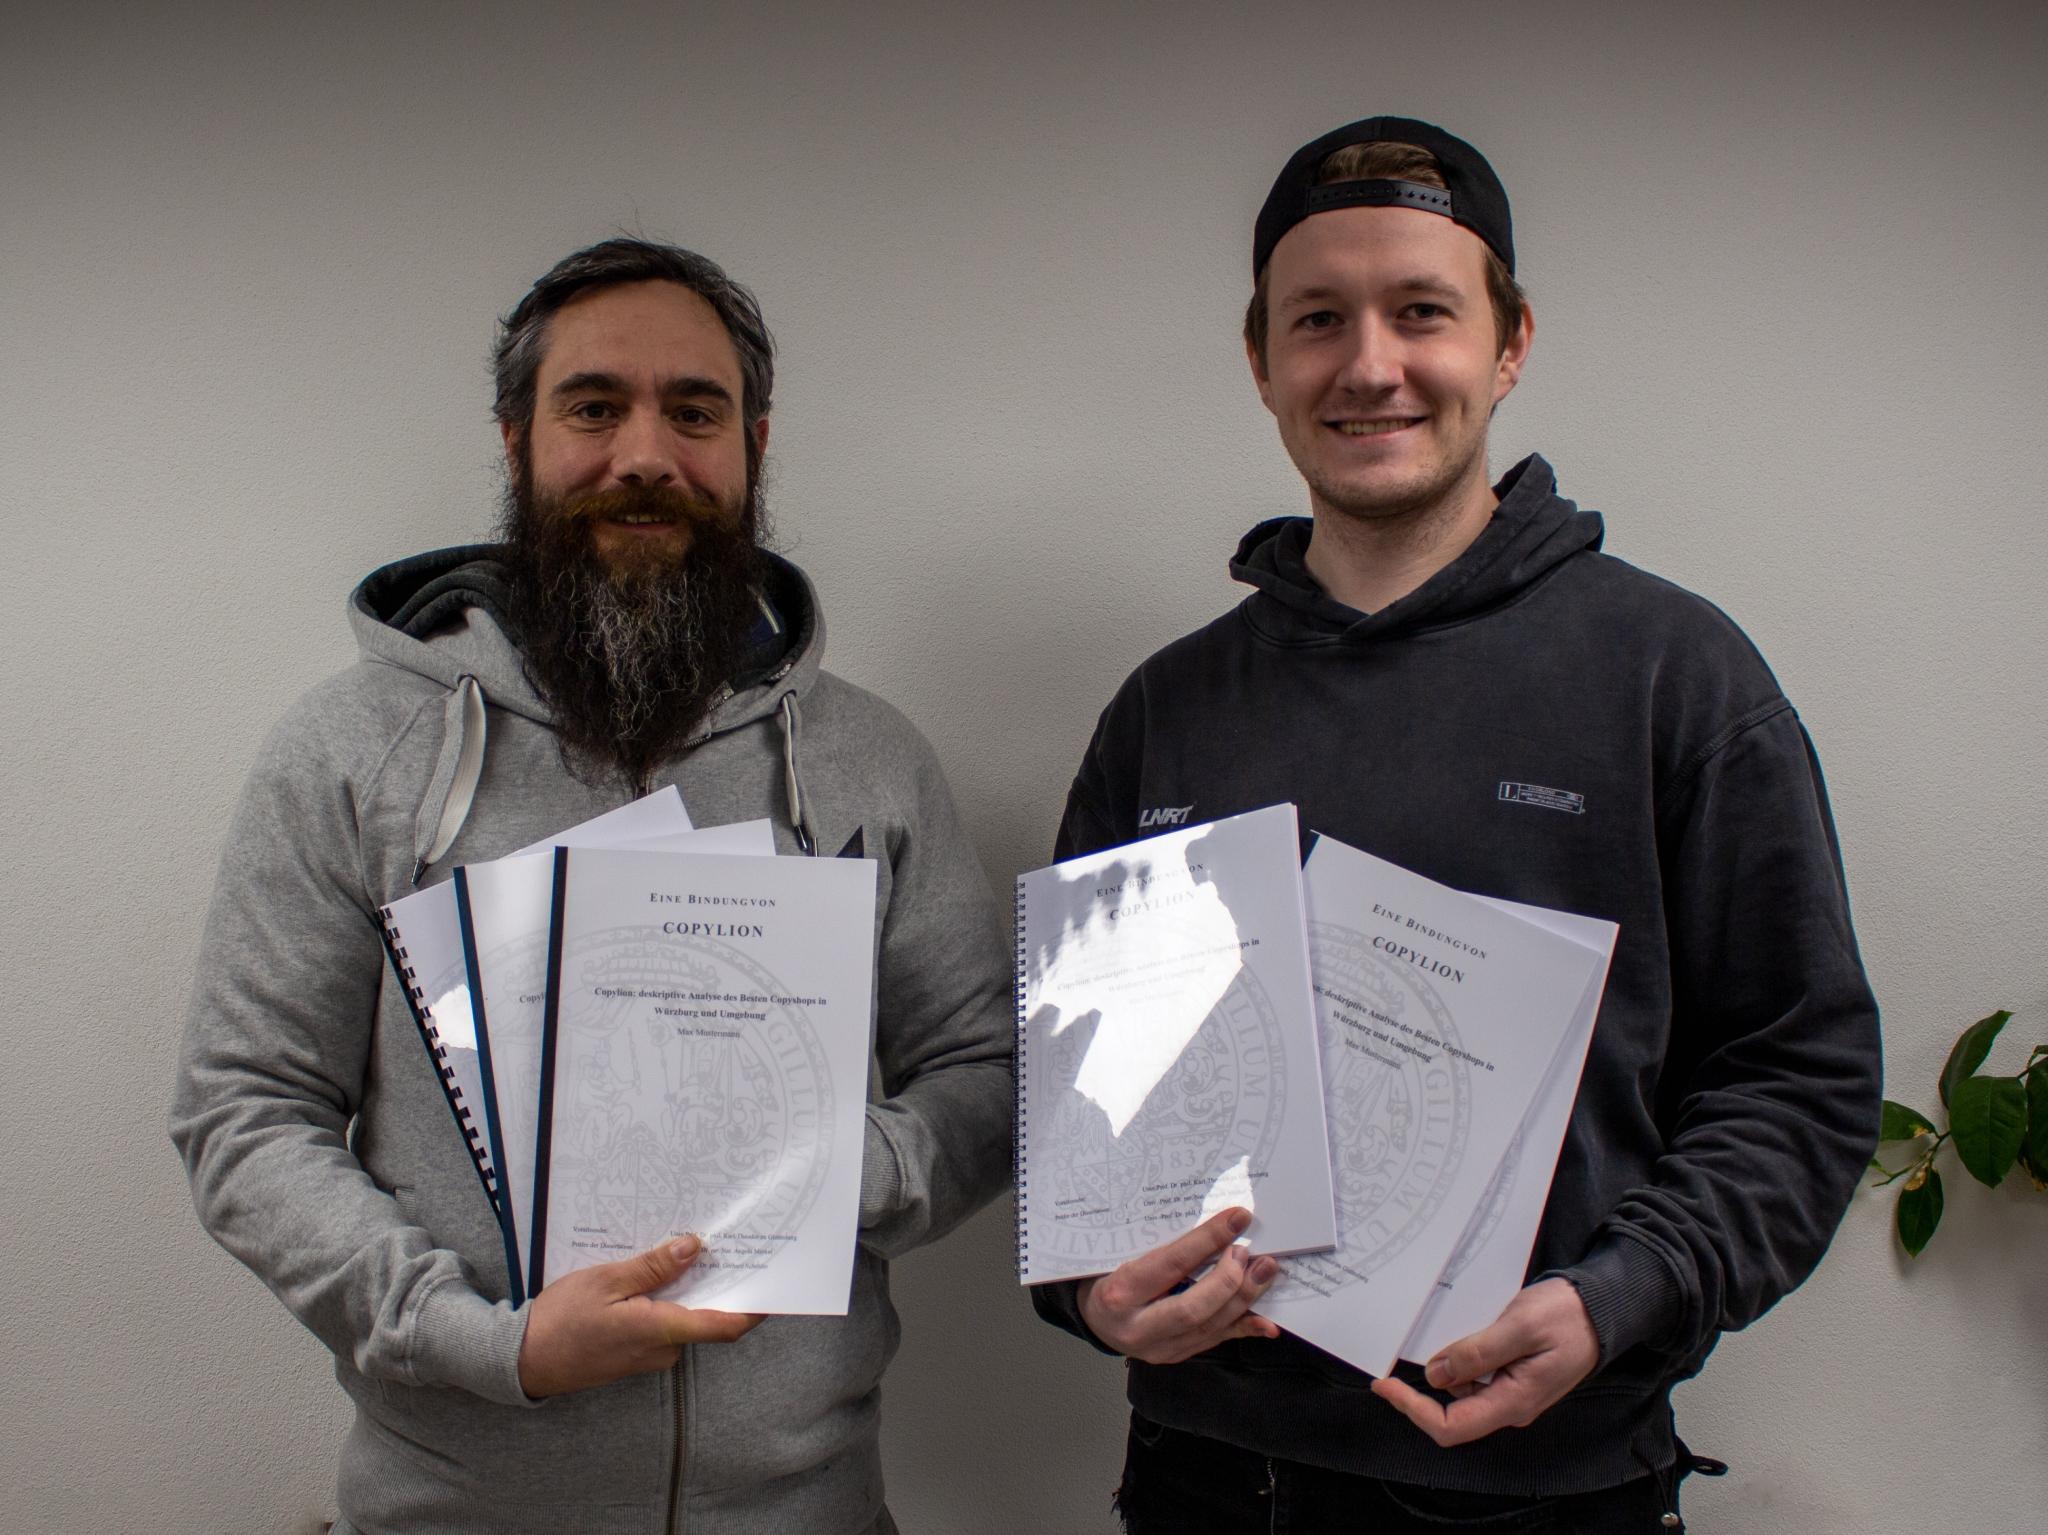 Die beiden Gründer v.l.n.r. Brian Kramer und David Schiemann. Foto: Copylion.